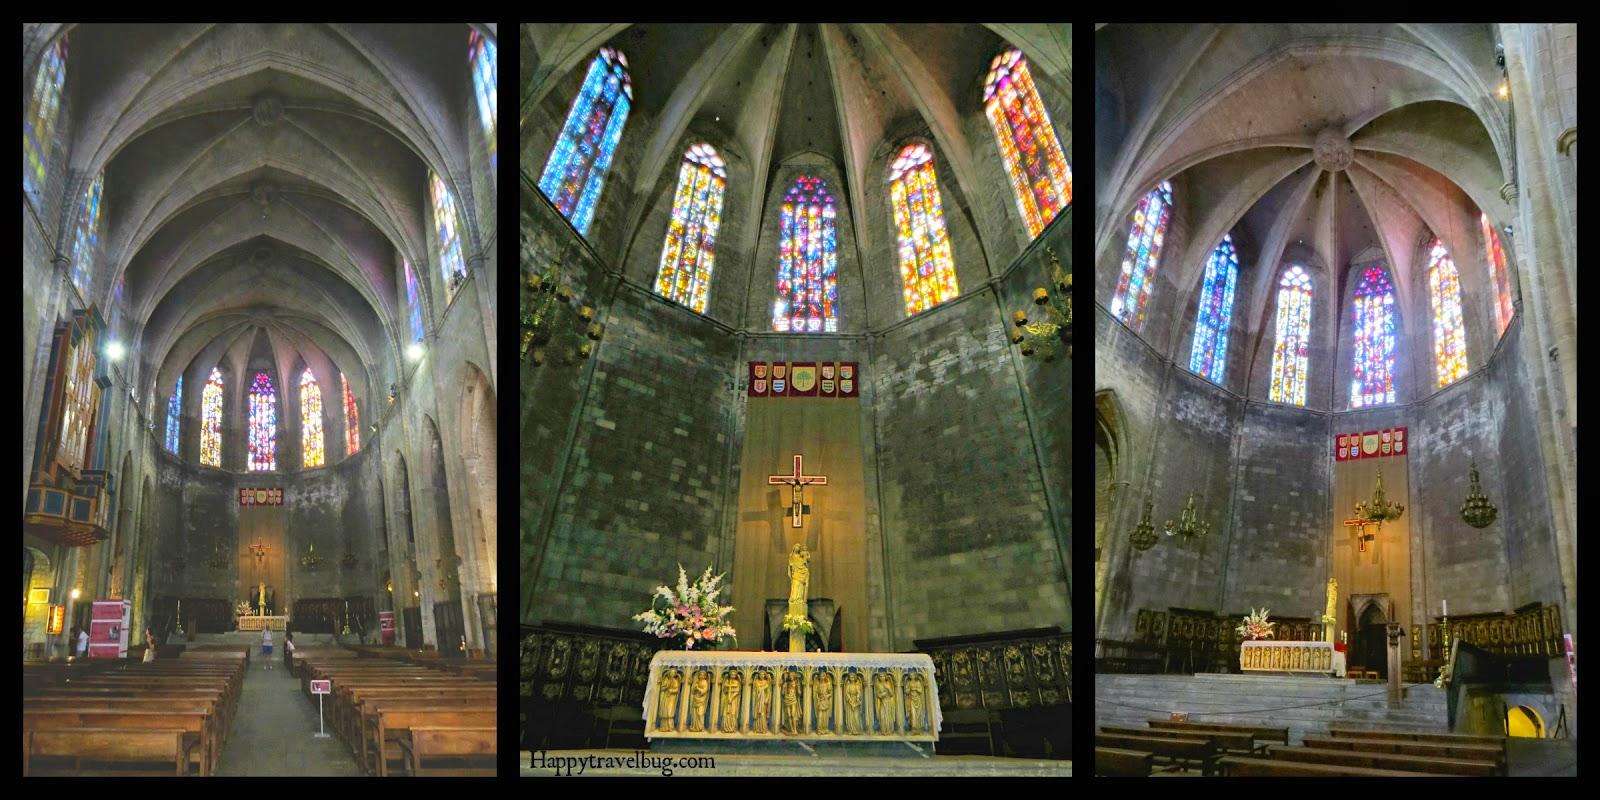 The Basilica Santa Maria del Pi inside